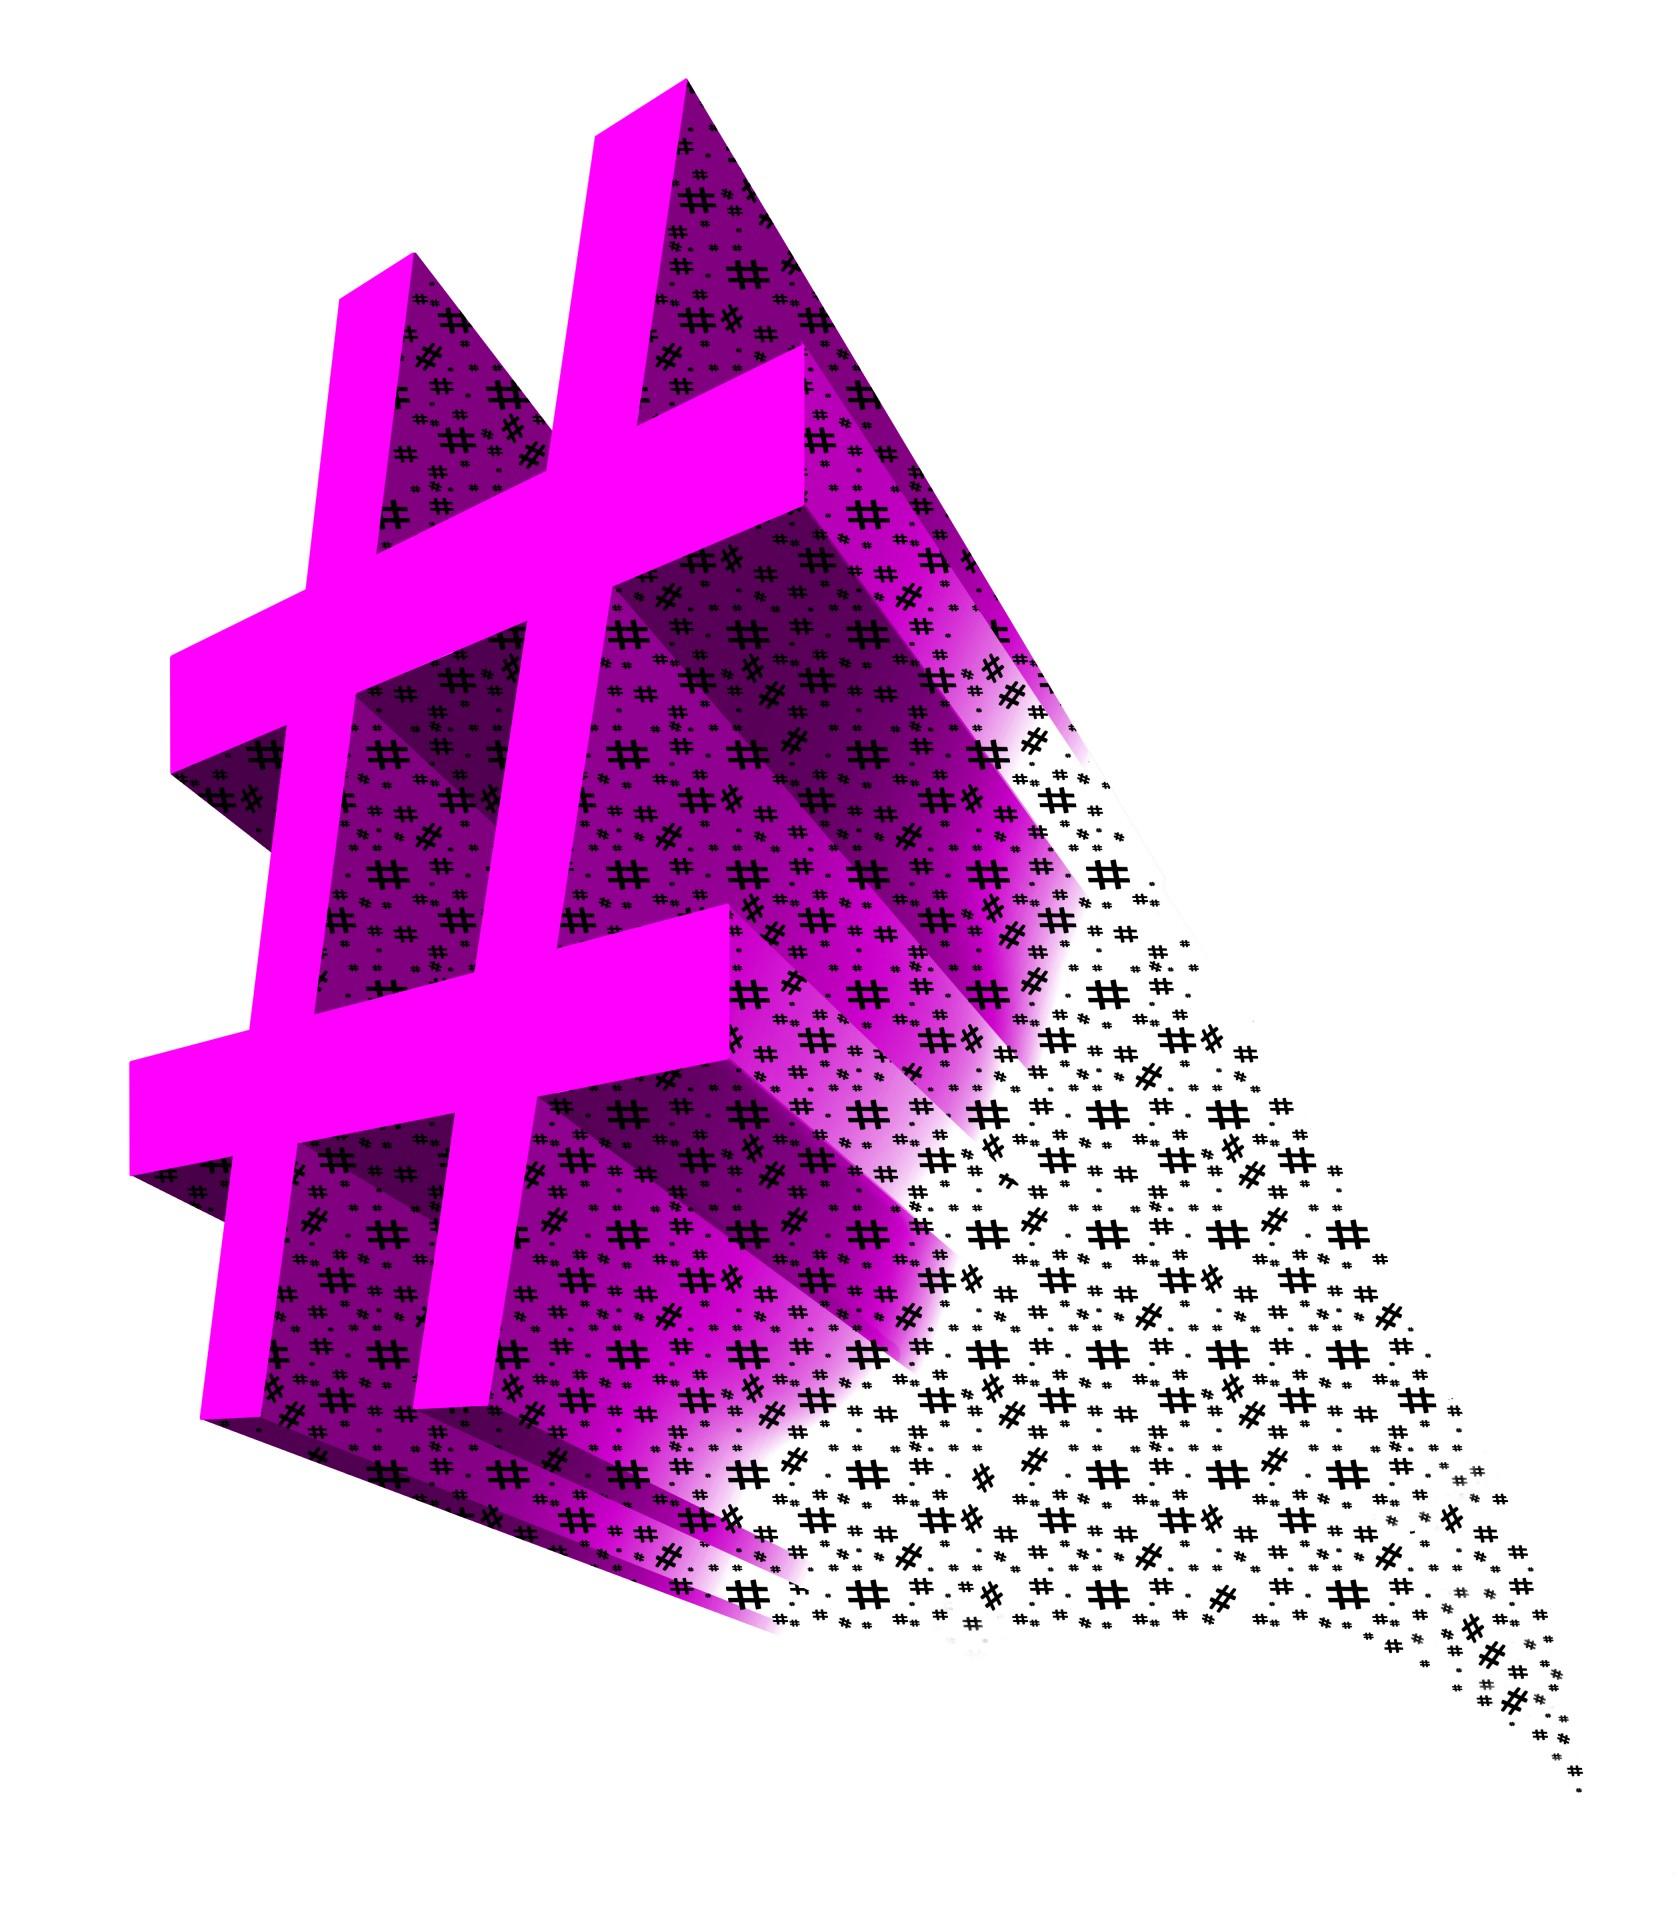 Hashtag generating hashtags